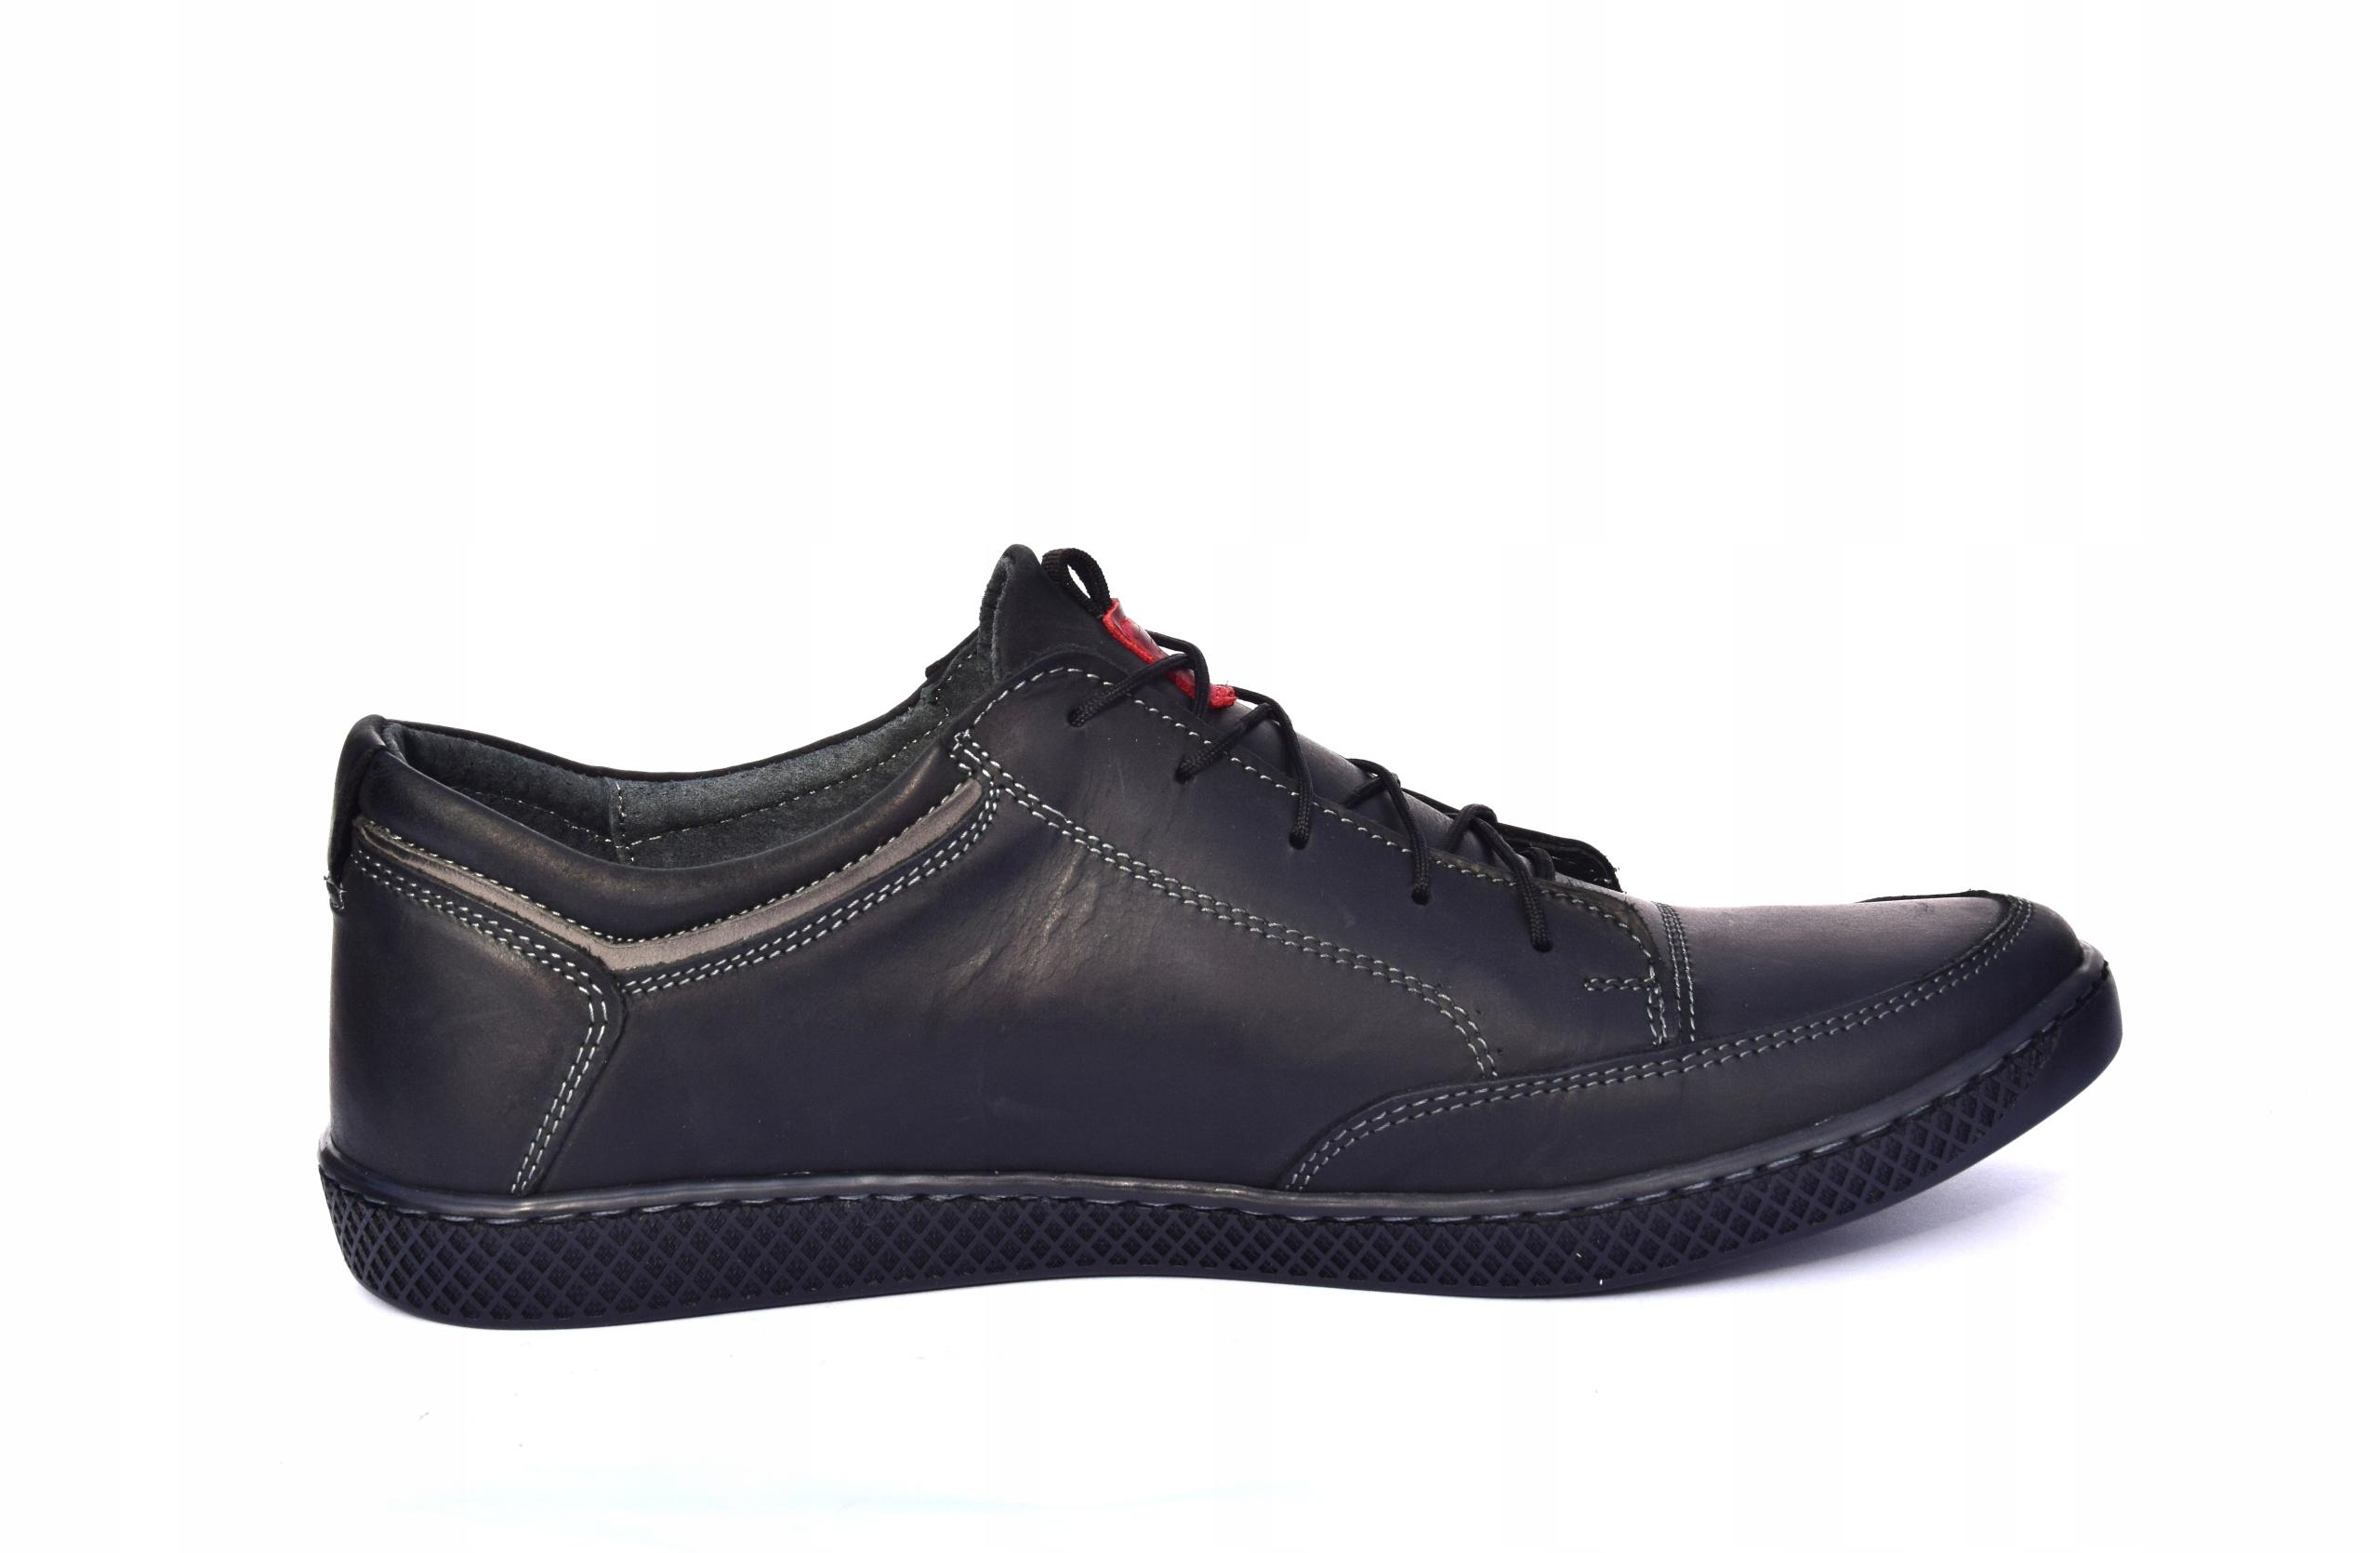 Półbuty sznurowane skórzane obuwie polskie 0447 Rozmiar 41